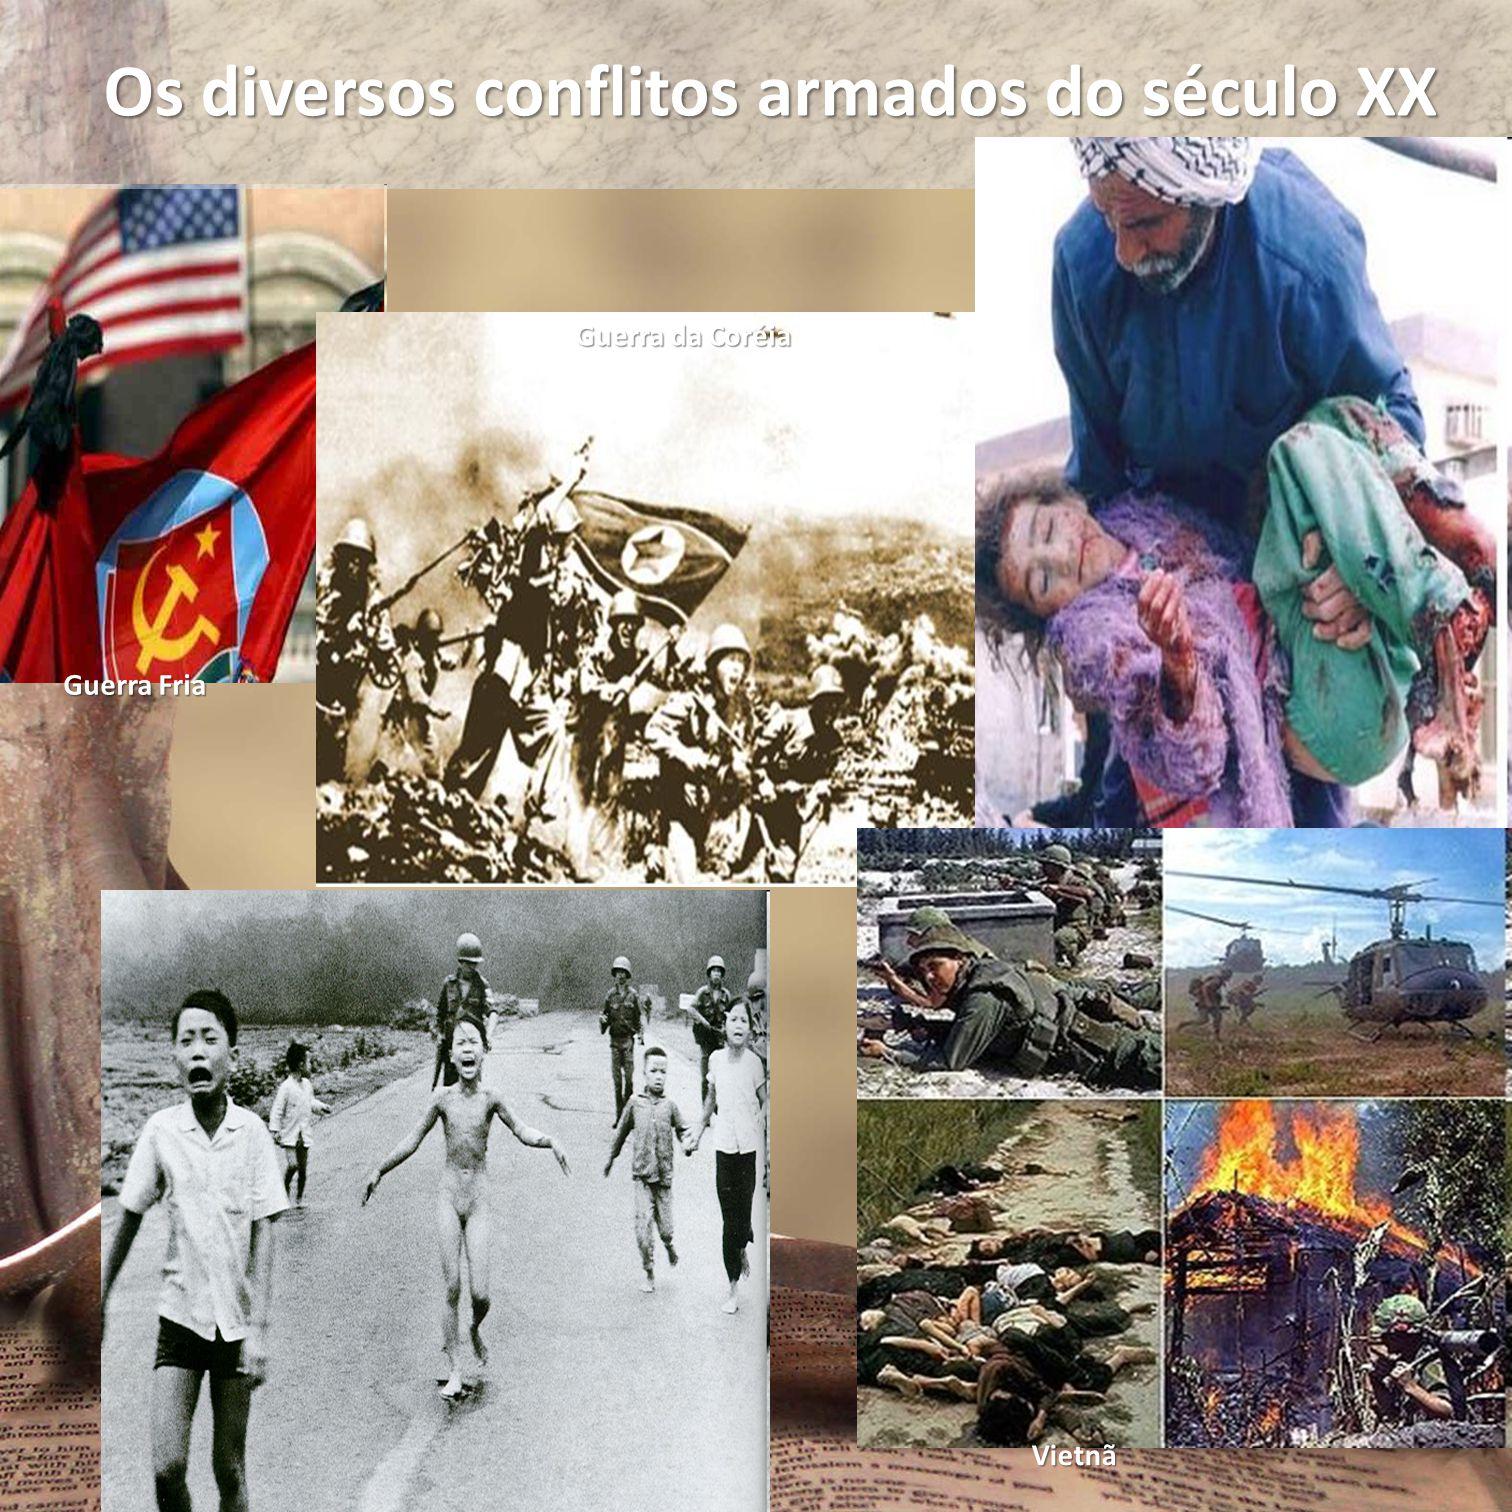 Os diversos conflitos armados do século XX